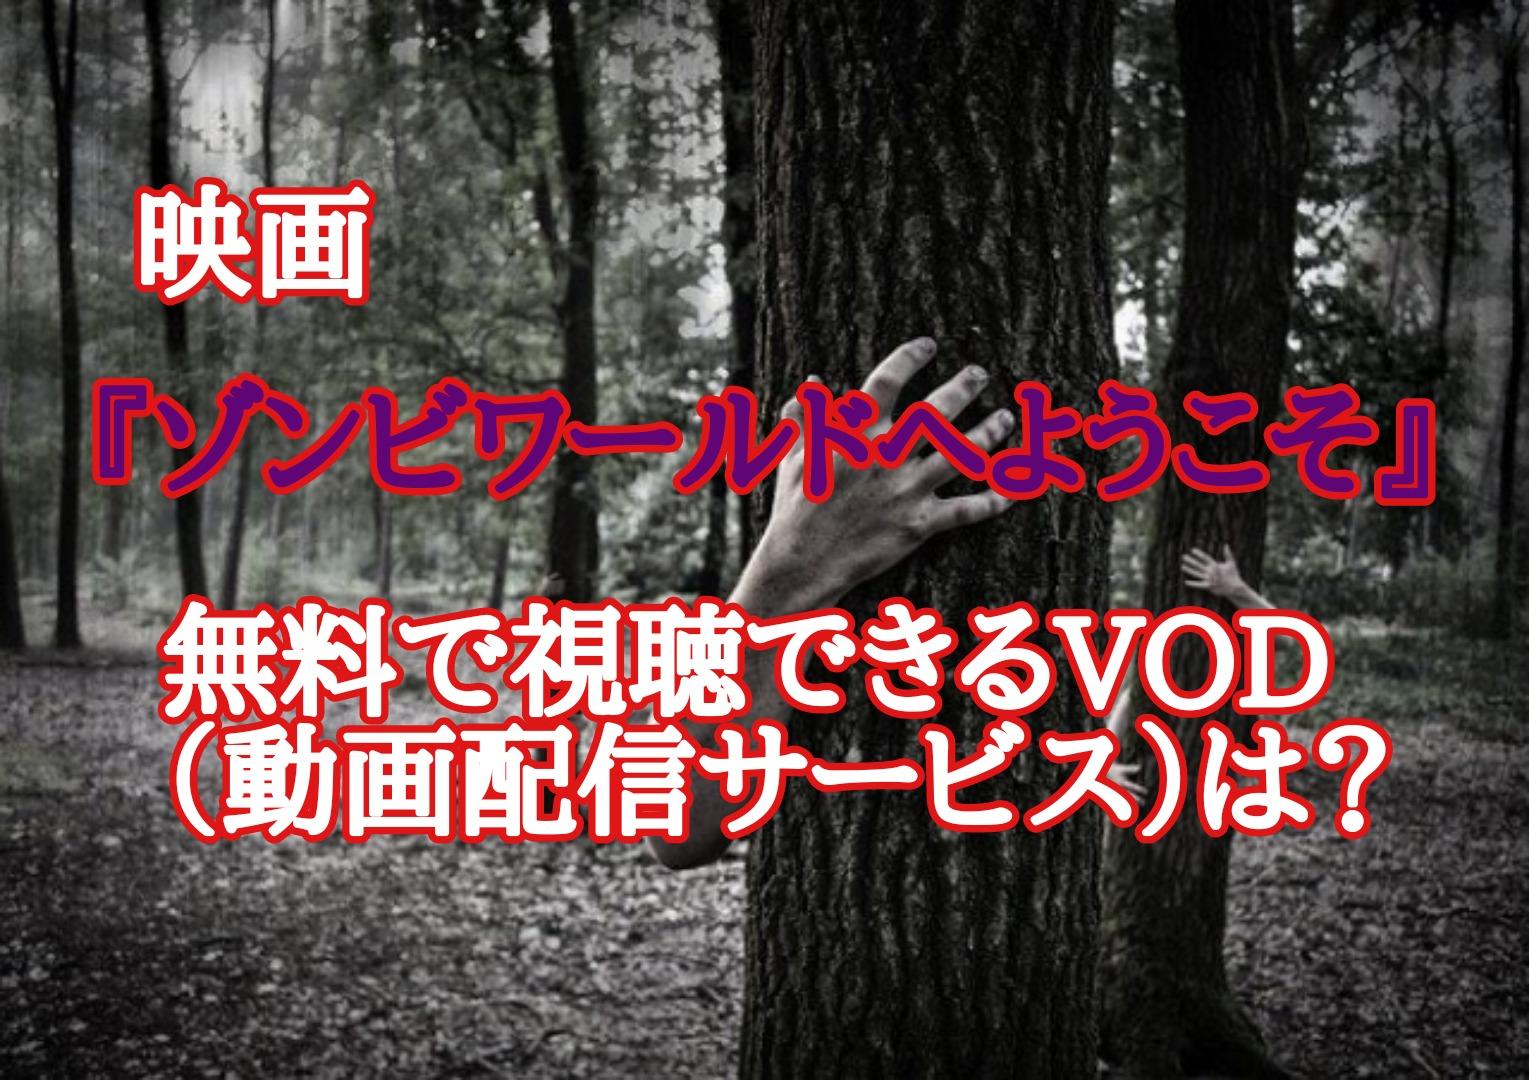 映画『ゾンビワールドへようこそ』を無料で視聴できるVOD(動画配信サービス)は?